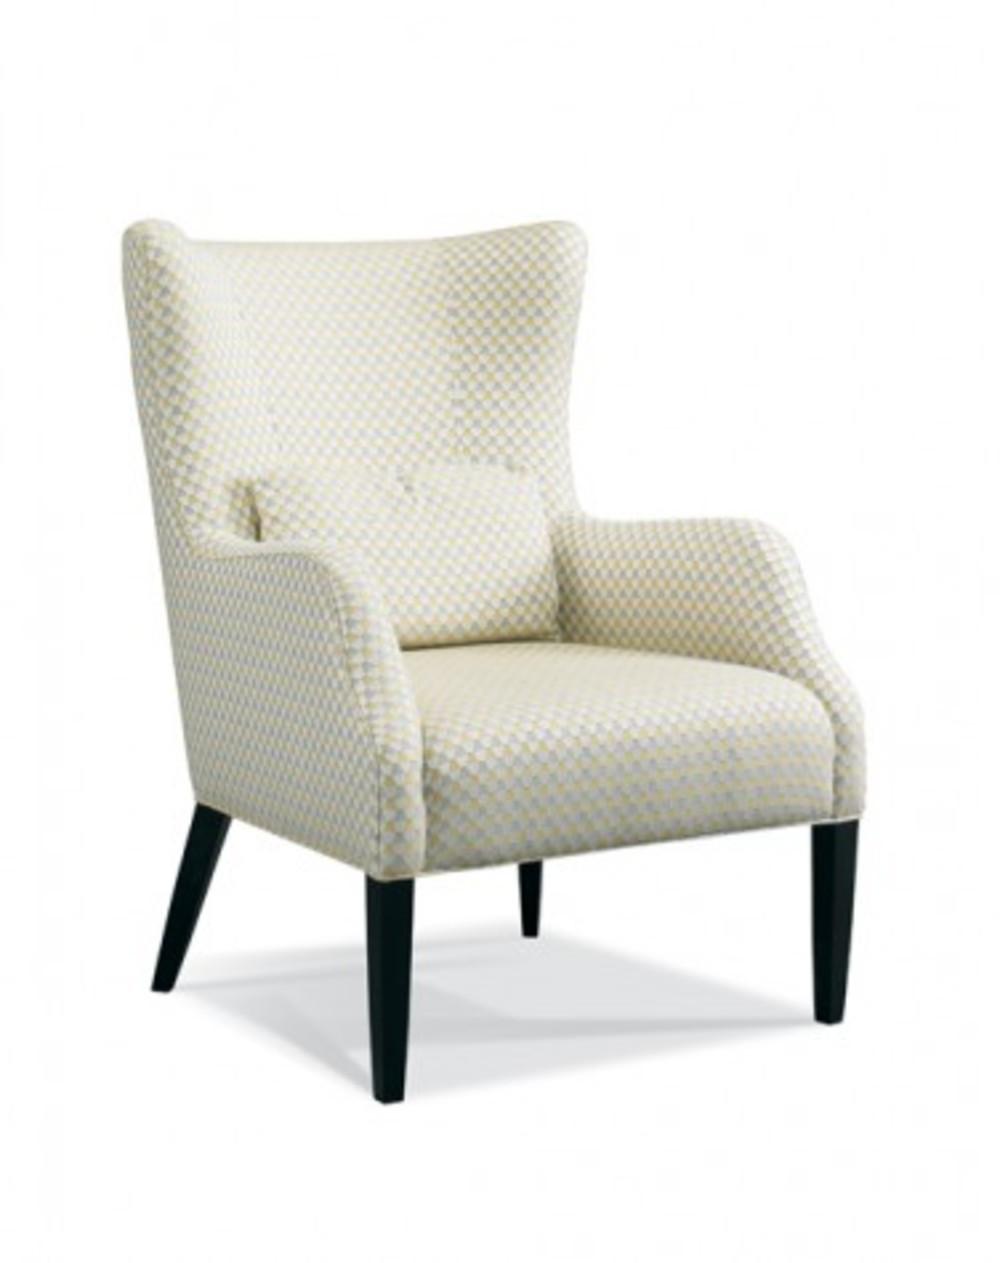 Precedent - Natalie Chair